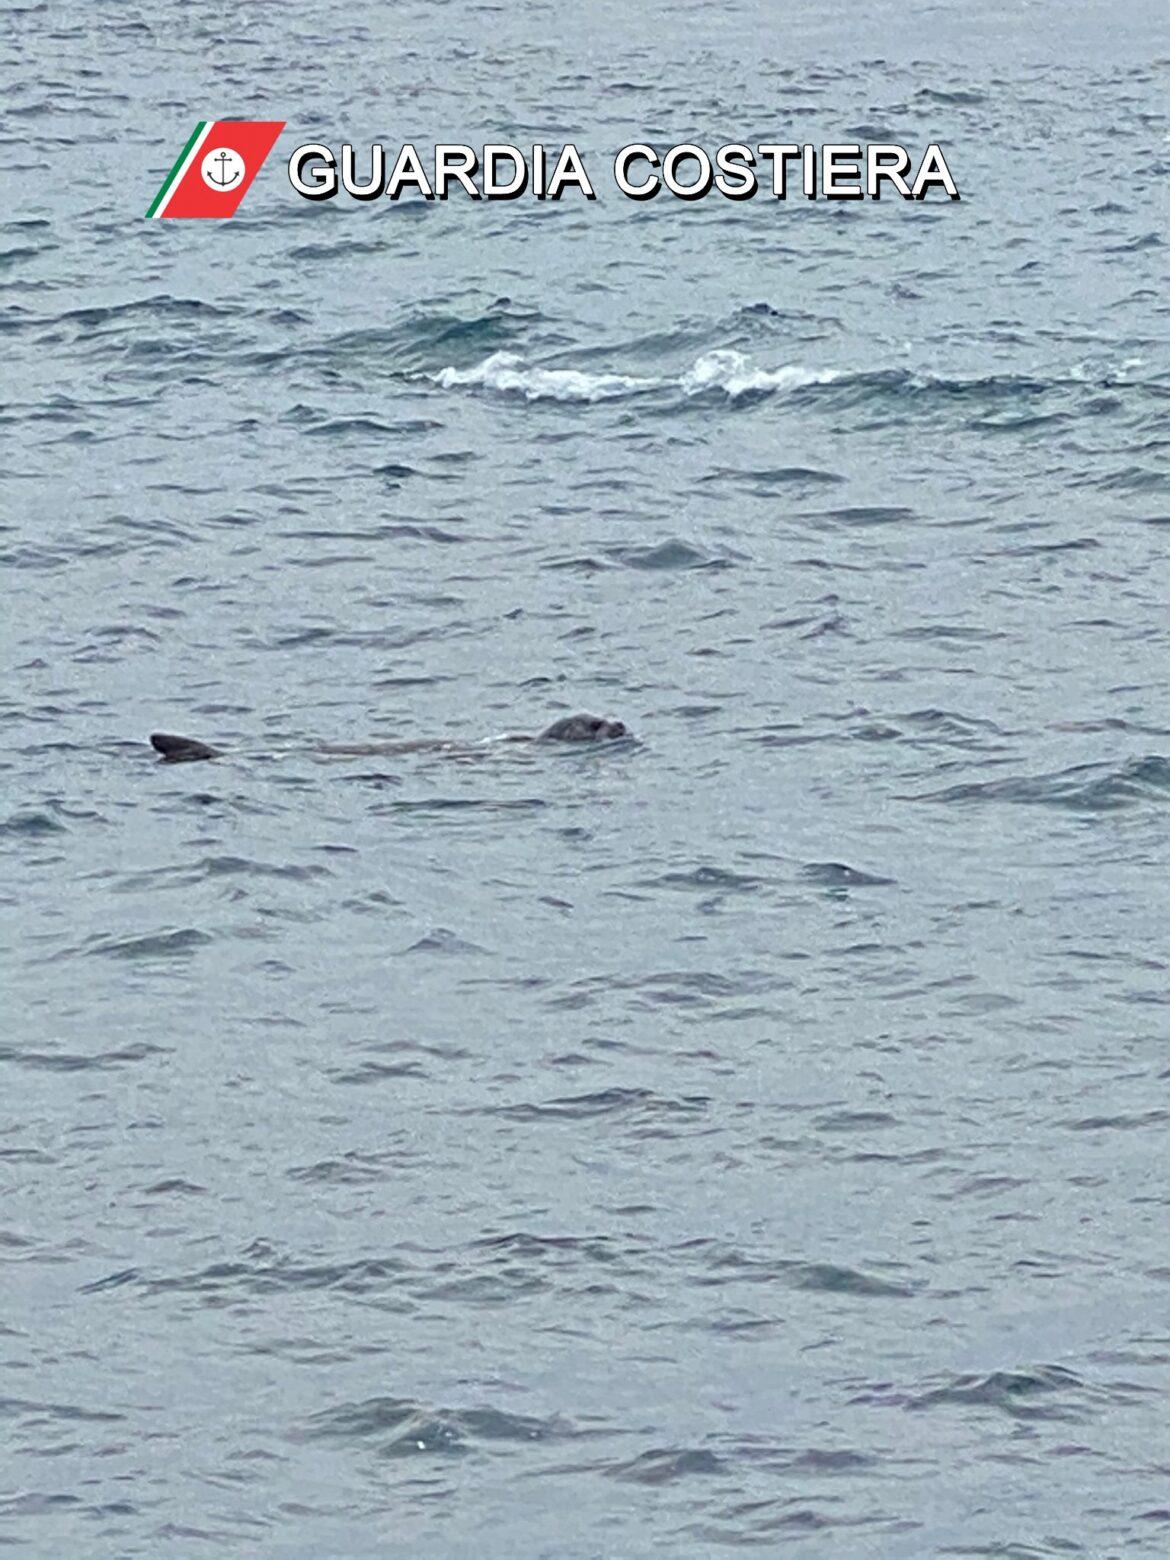 Un esemplare di foca monaca al Seno del Canneto (Gallipoli). Le linee guida sui corretti comportamenti